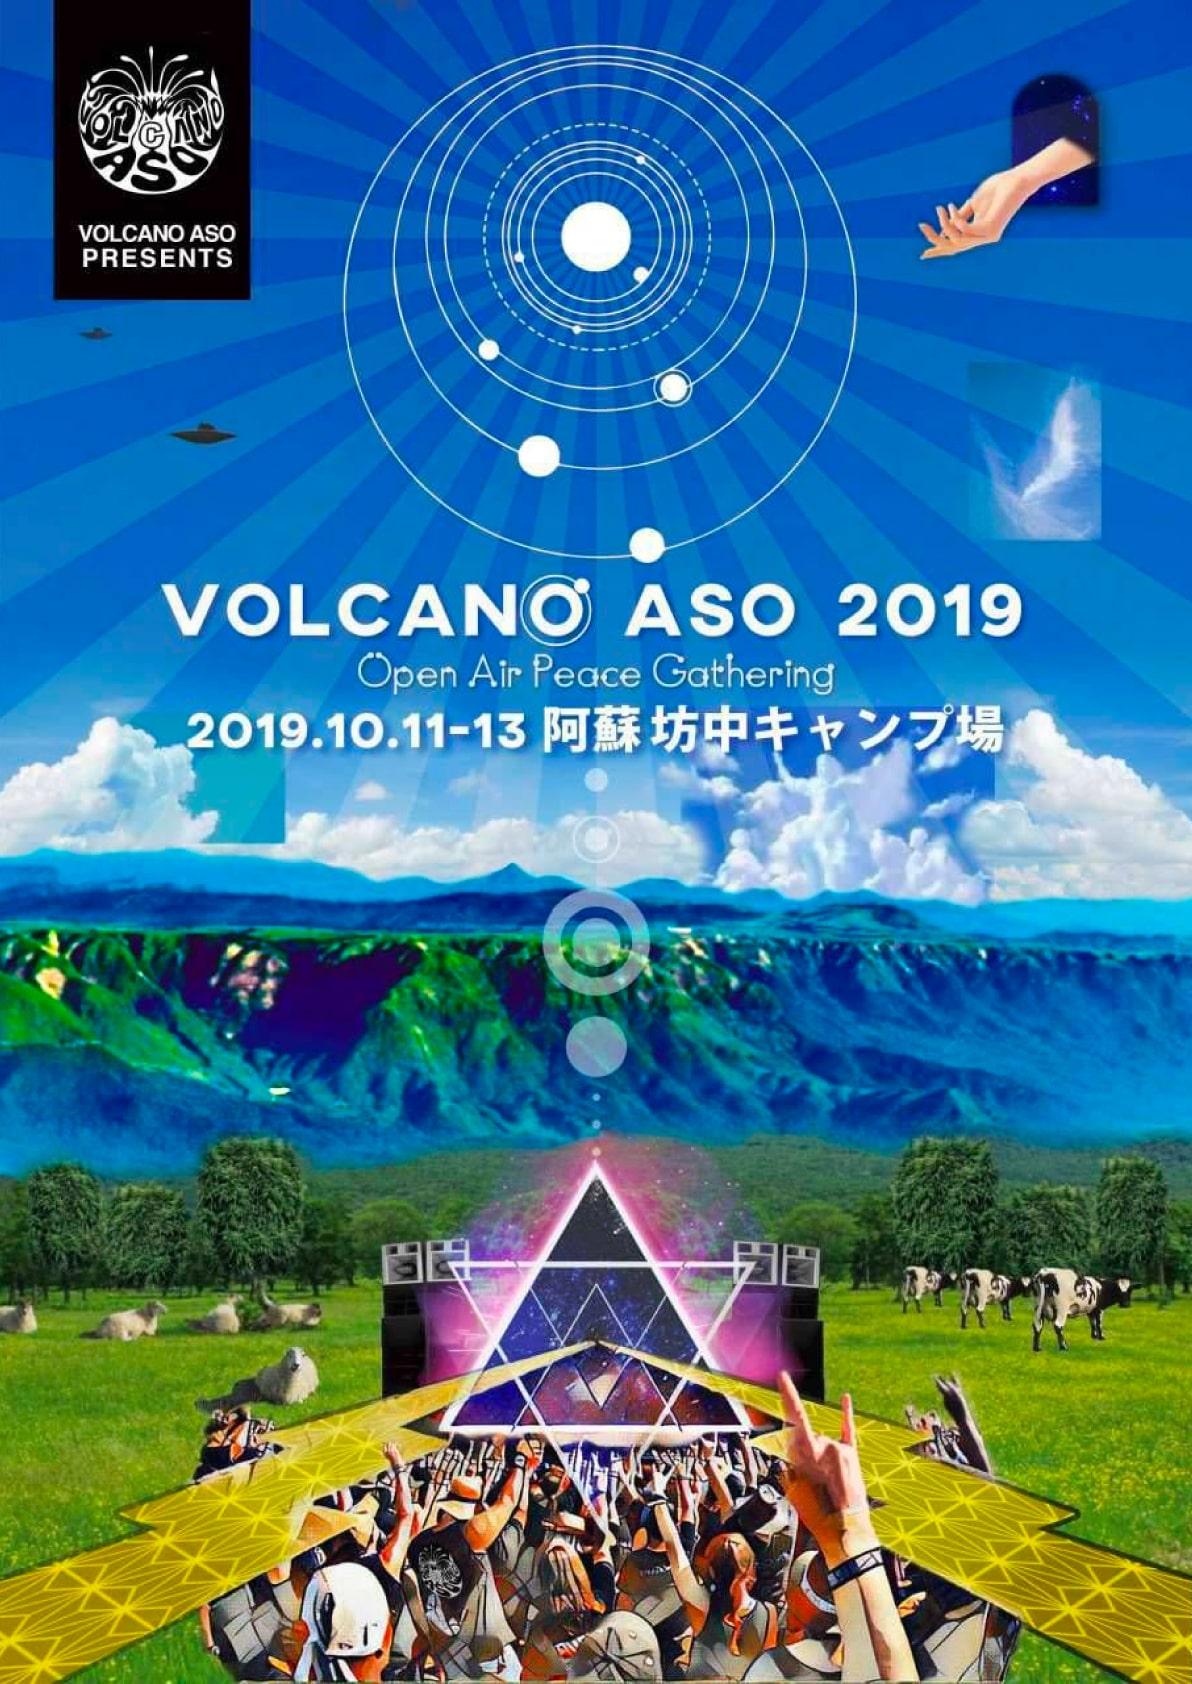 VOLCANO ASO 2019が阿蘇坊中キャンプ場で開催チラシ1